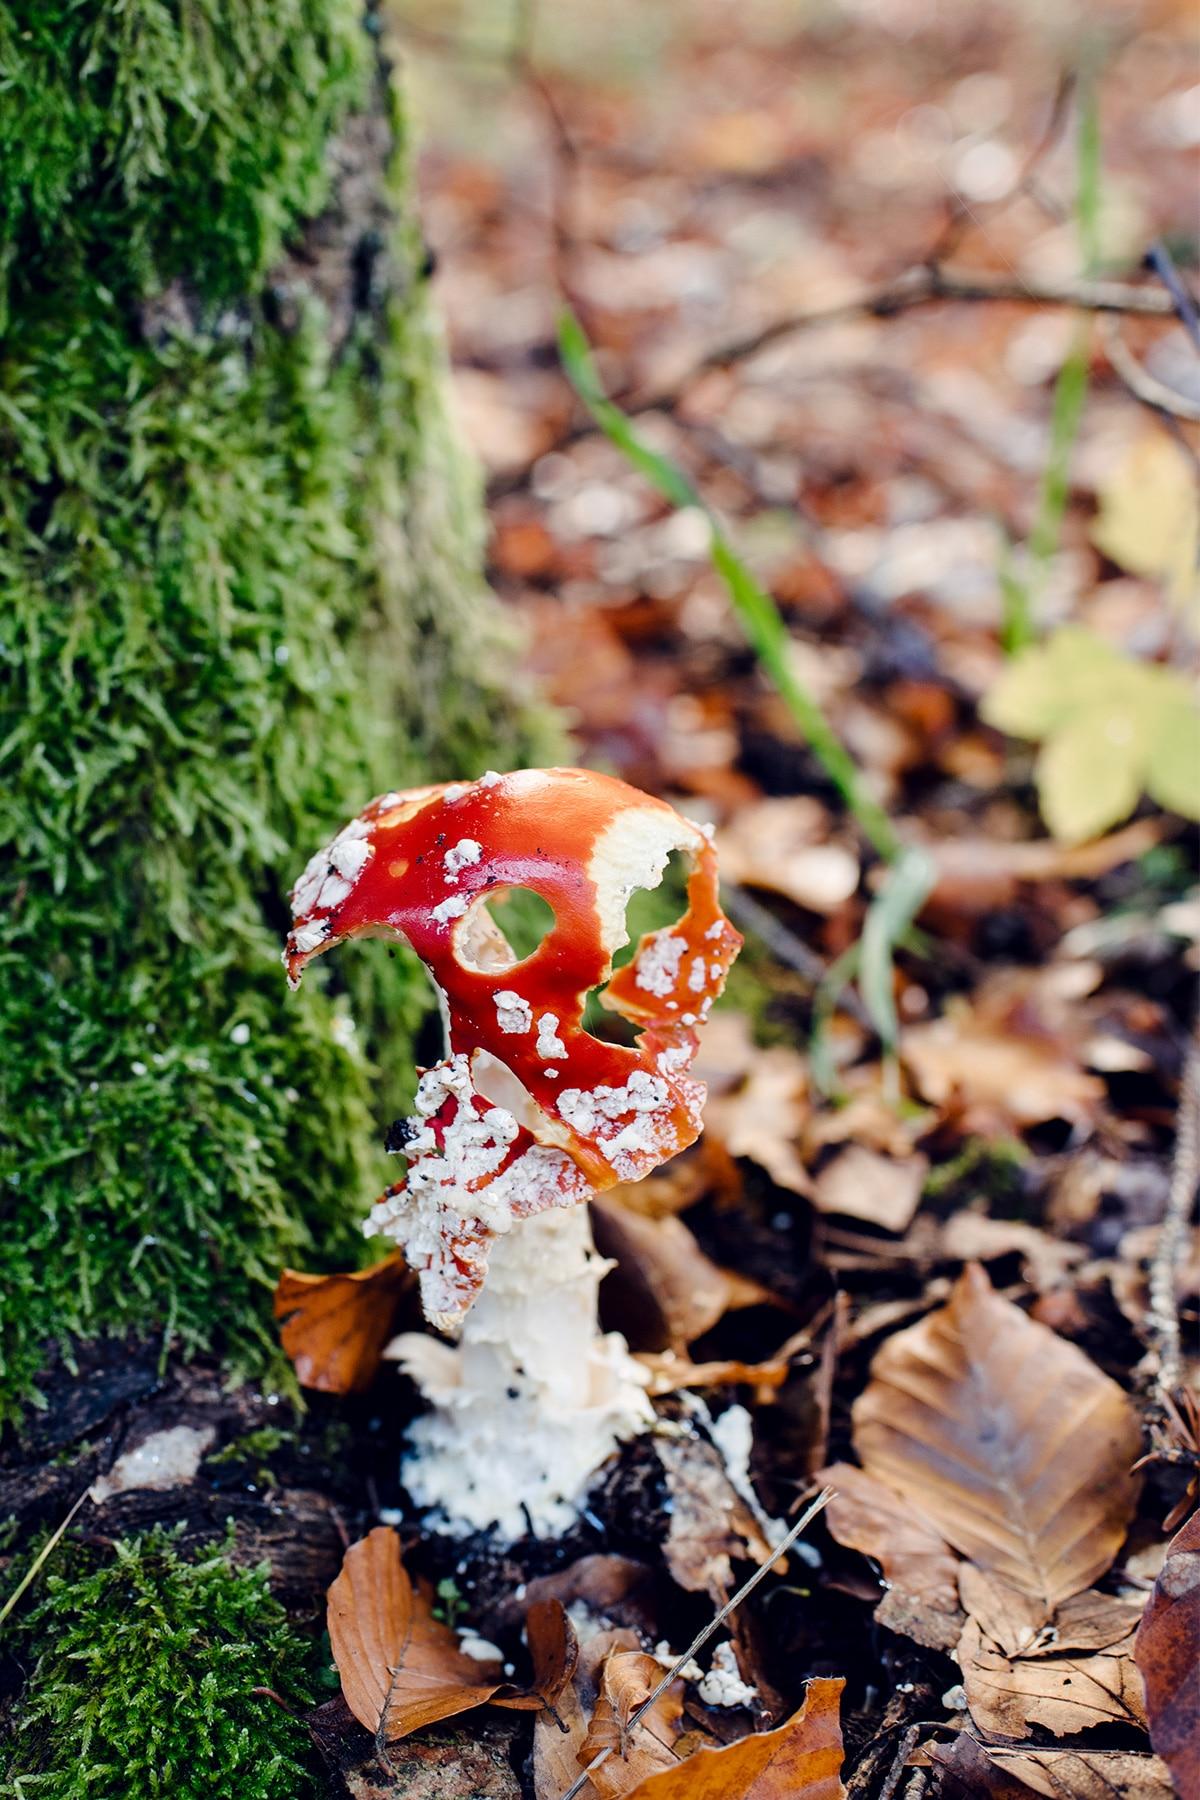 Champignon au chapeau rouge et blanc, en partie décomposé, adossé à un tronc d'arbre recouvert de mousse verte – Promenade automnale dans la forêt de Petinesca